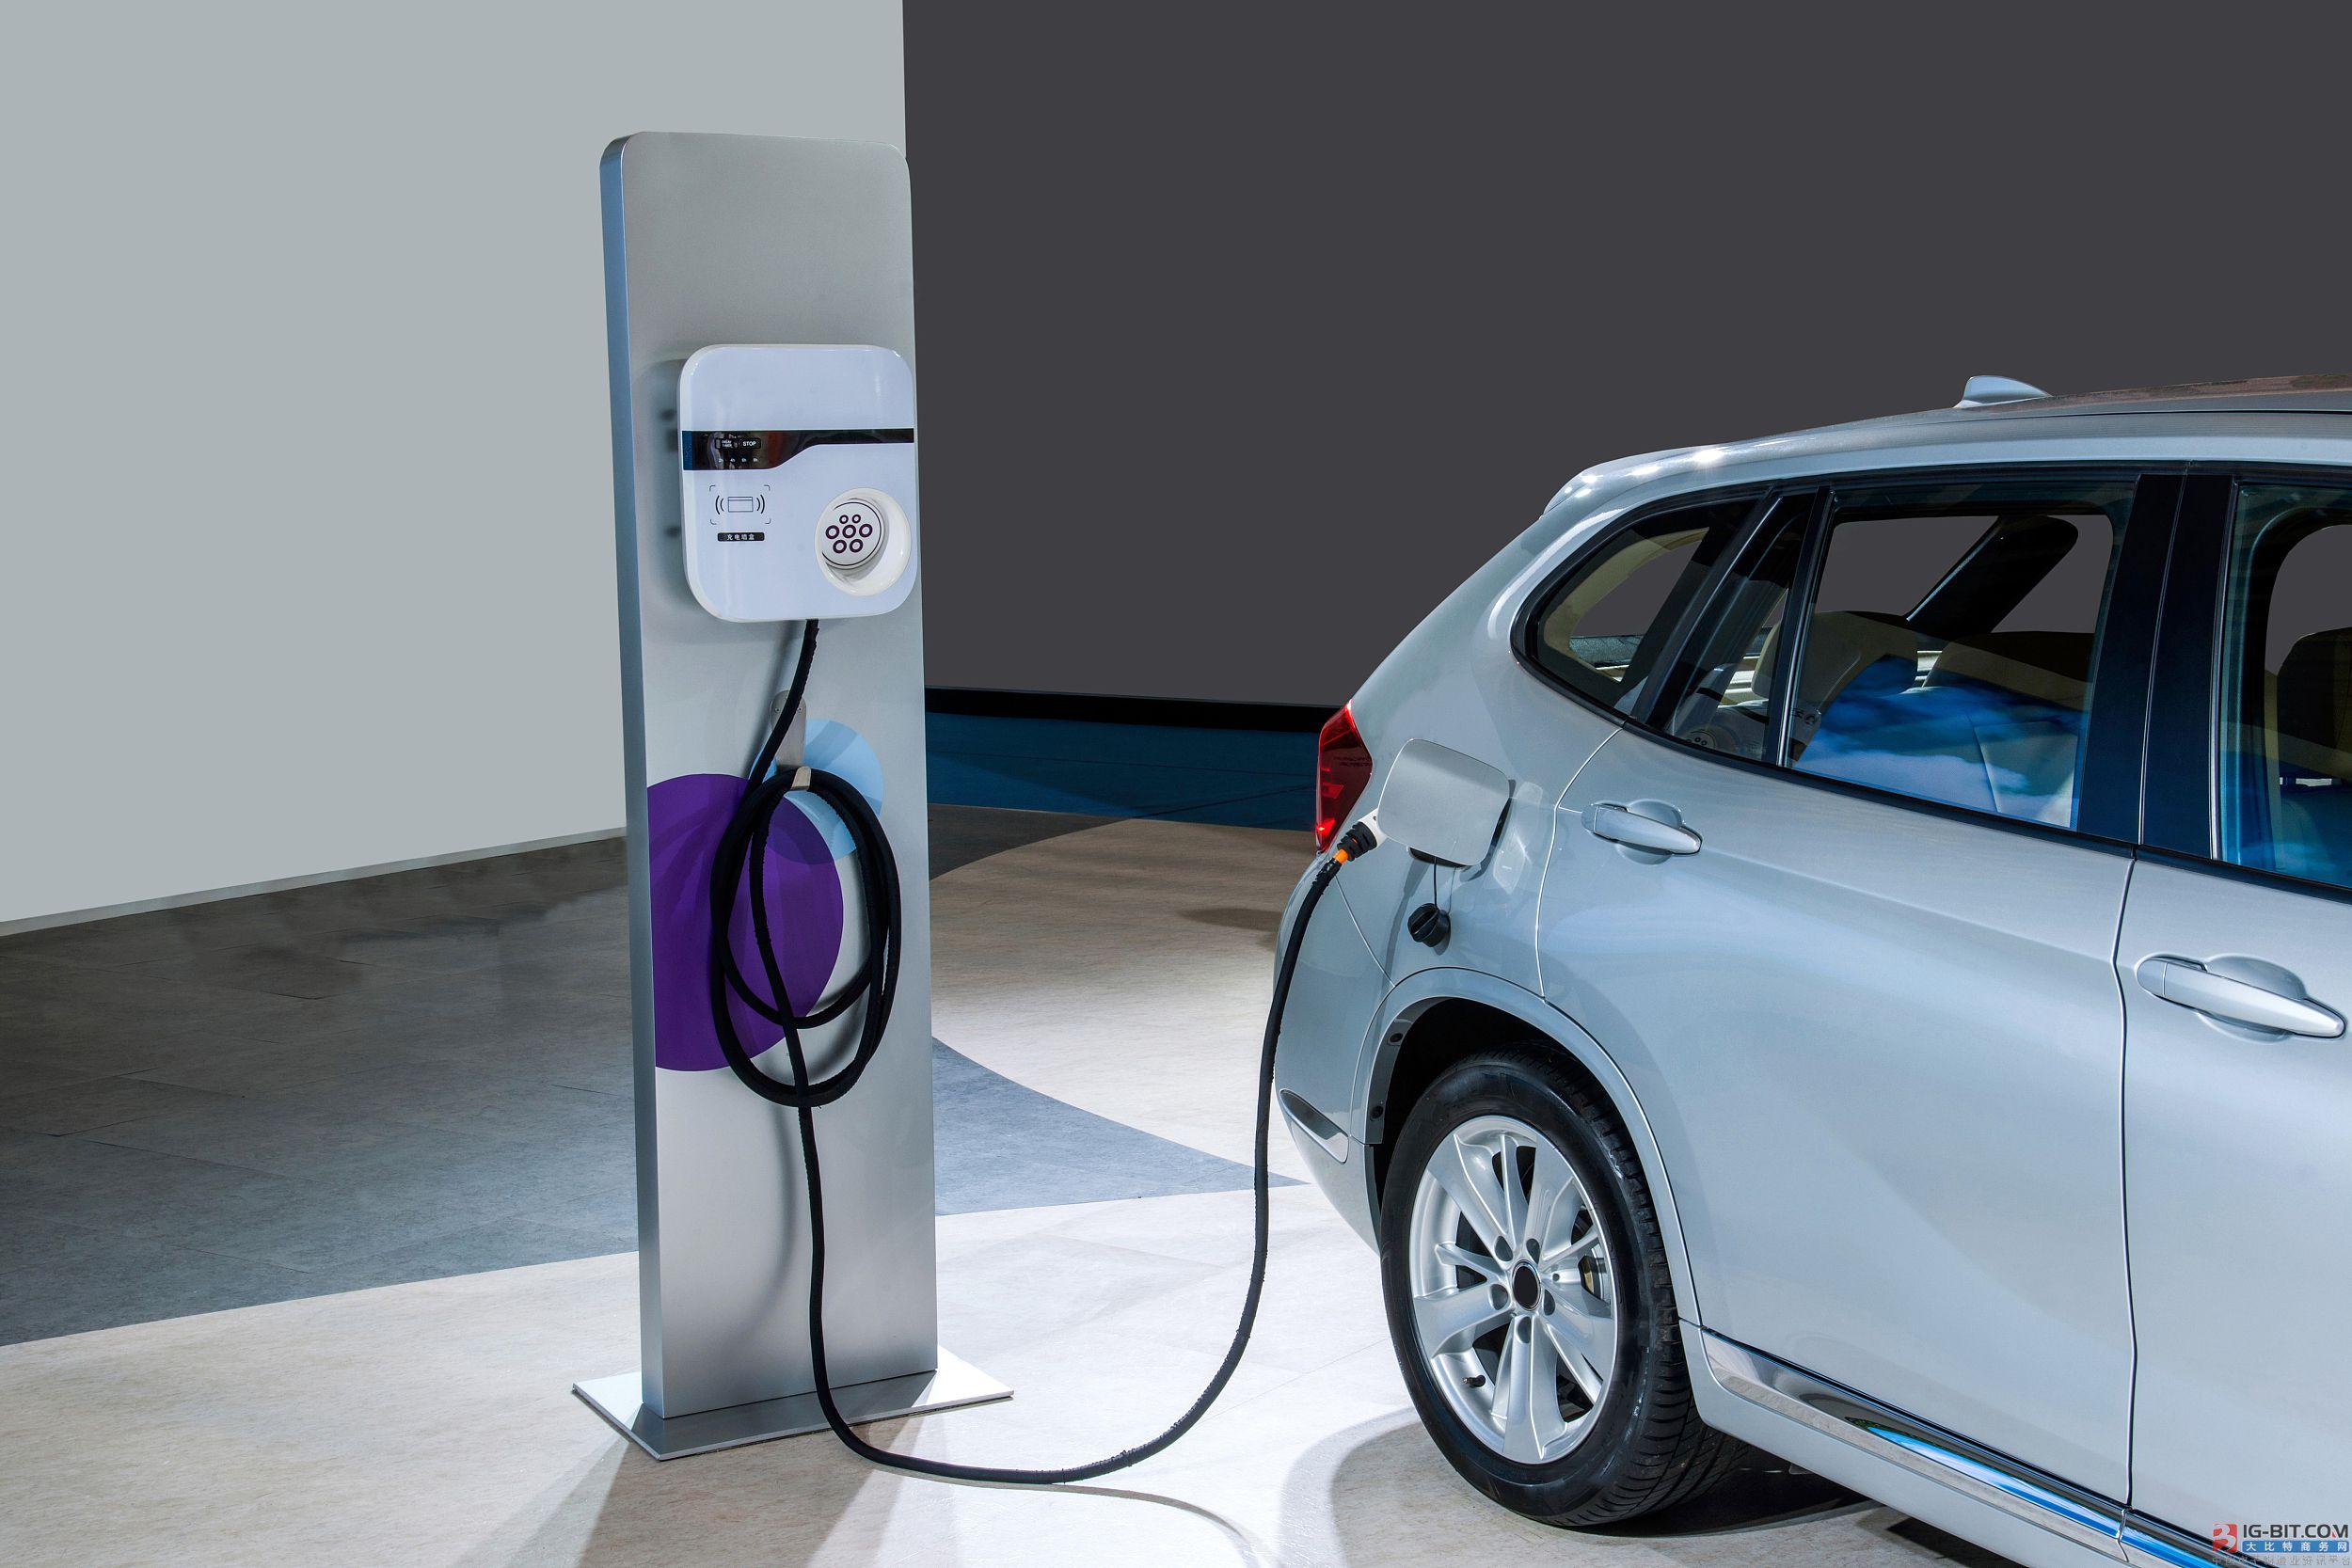 新能源汽车政策持续利好 斯莱克尝试进军新能源汽车行业